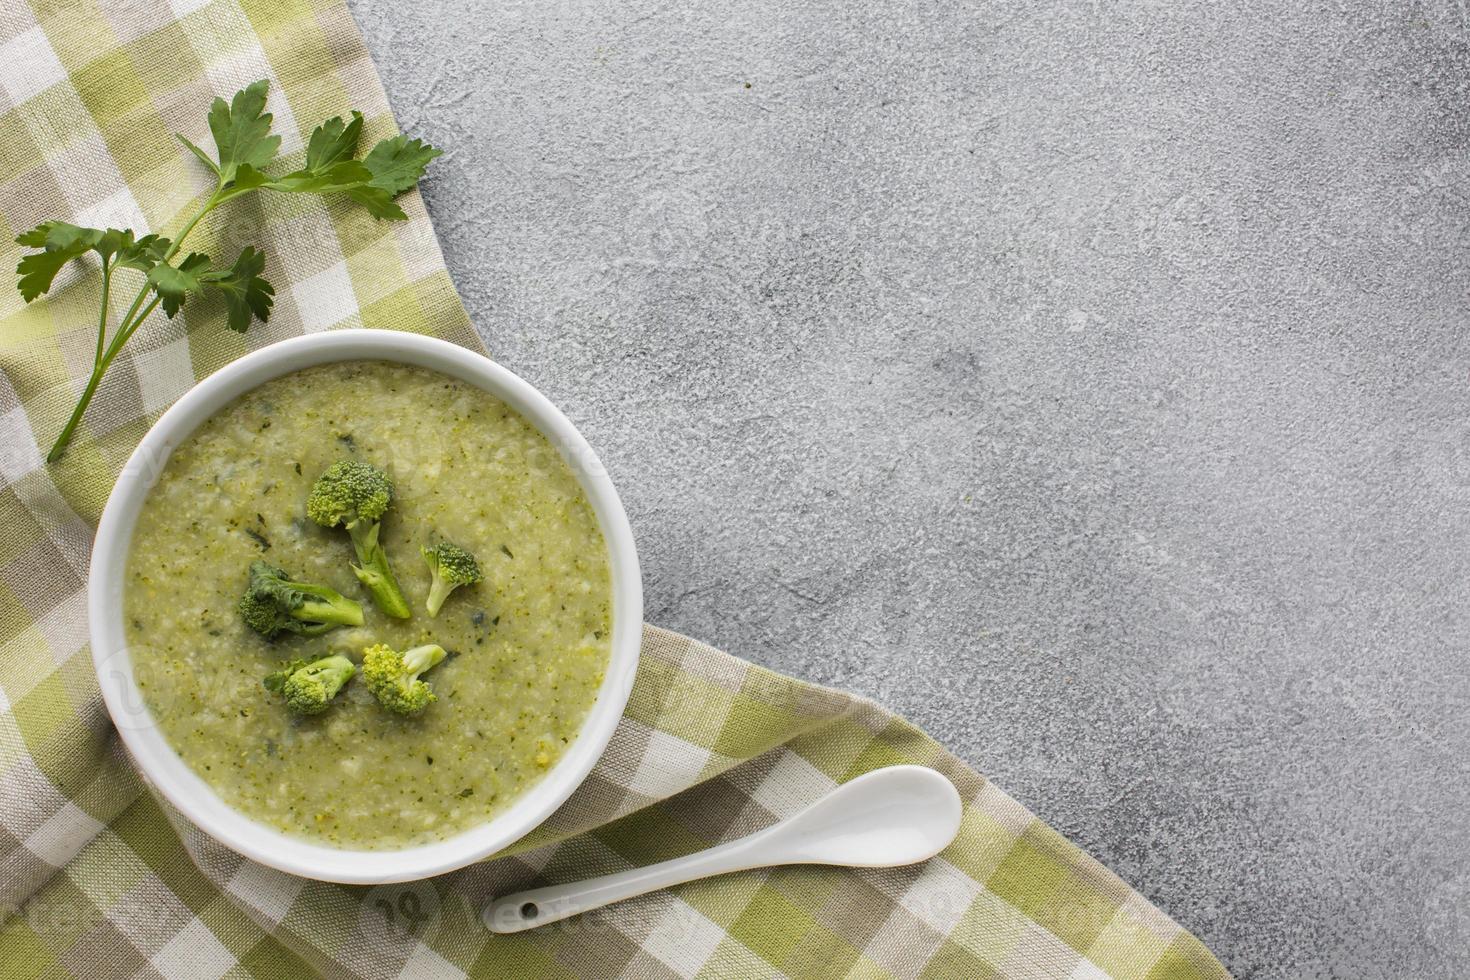 Broccoli piatti laici bisquit e asciugatutto con copia spazio foto